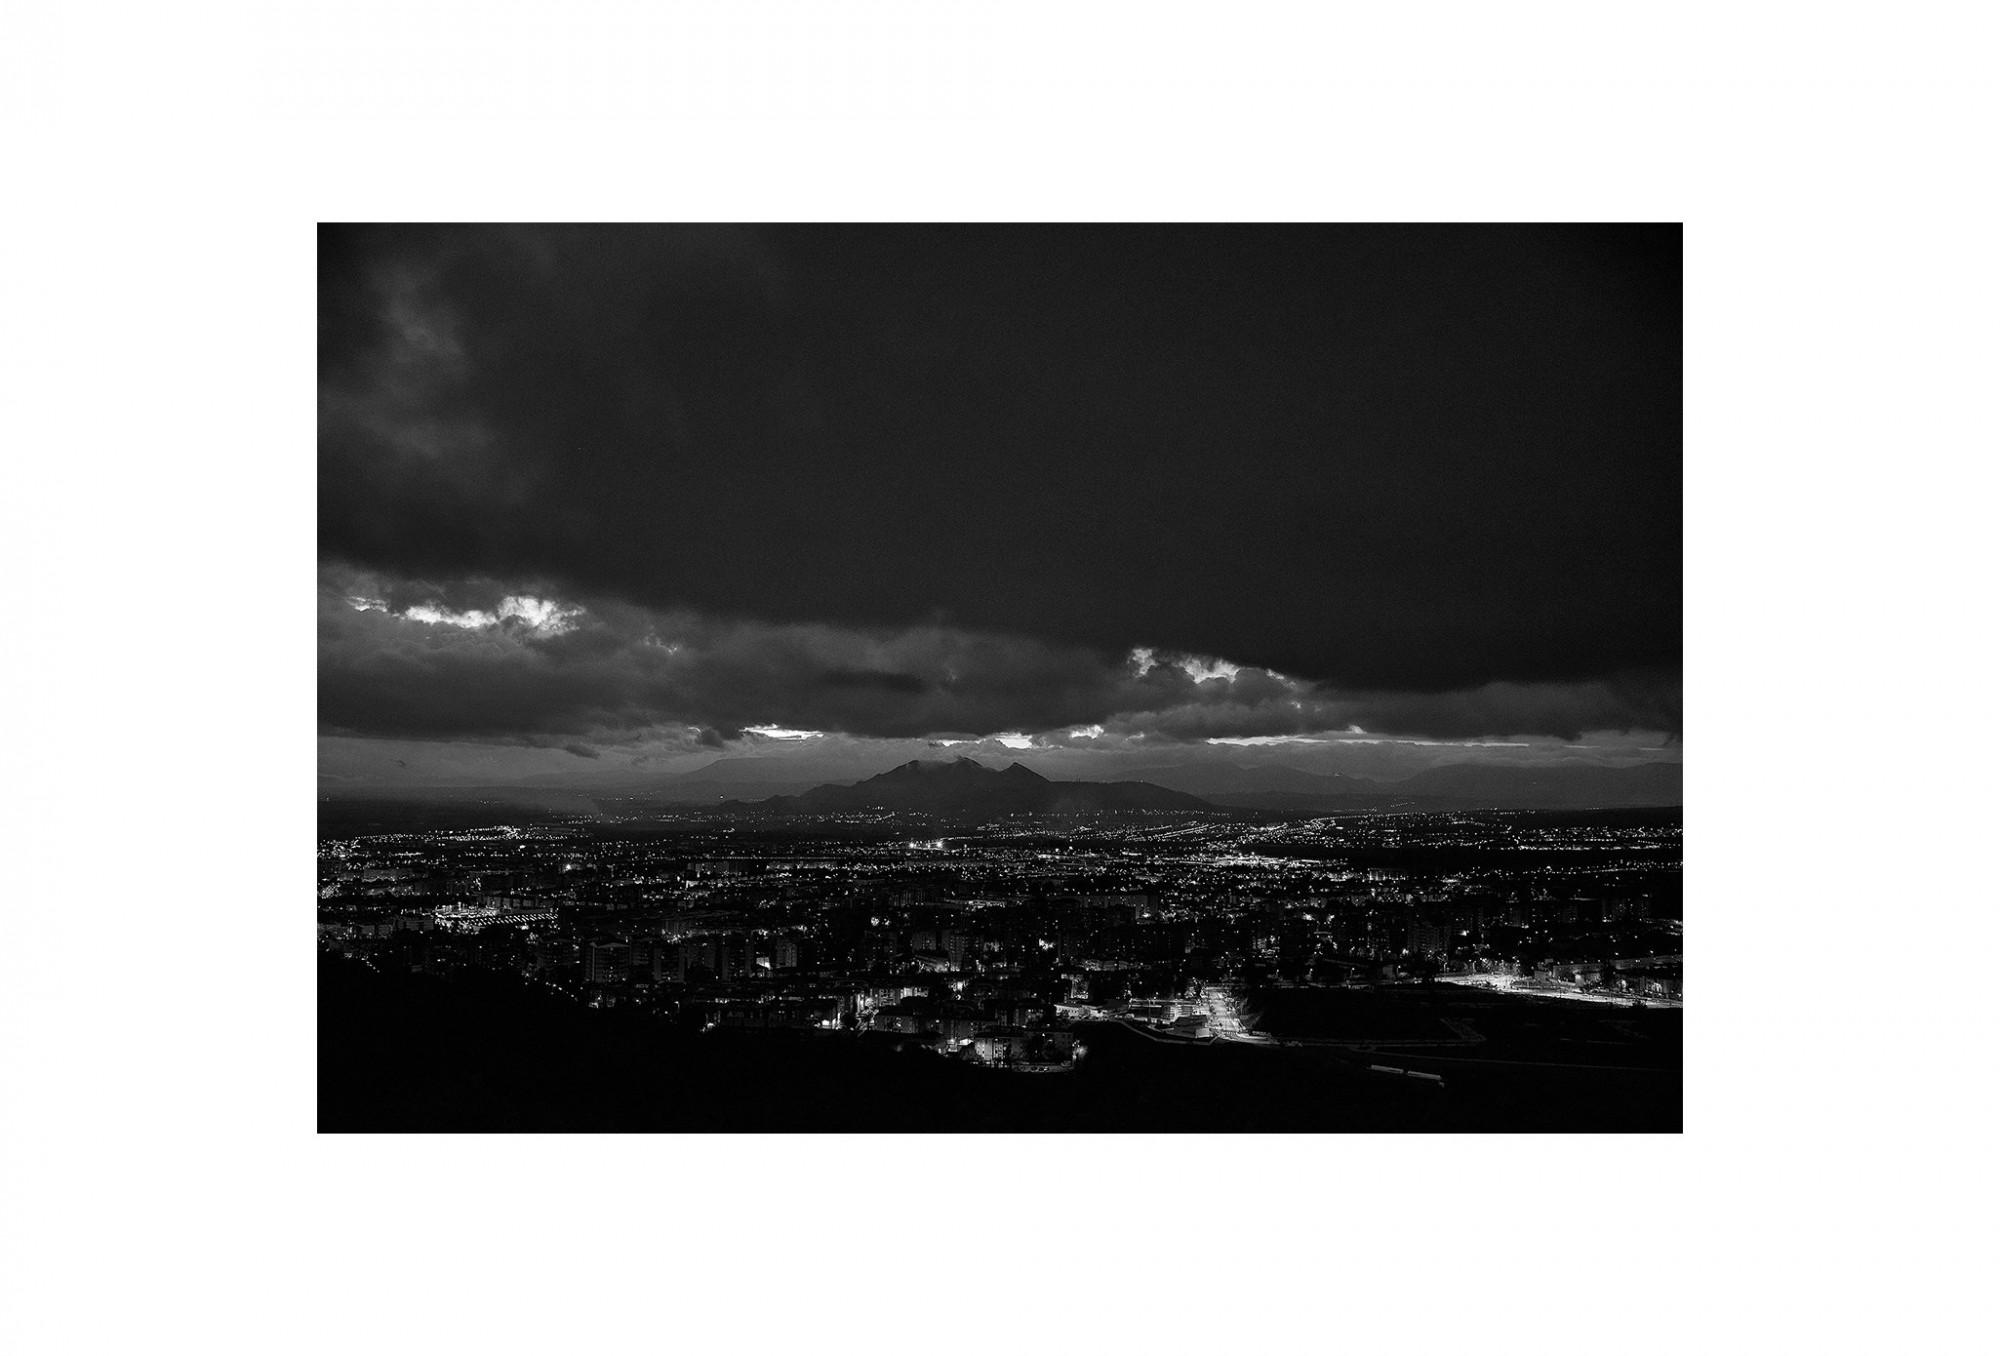 Afbeelding: © Dominique Van Huffel landscape Spain, Granada by night, foto kunst zwart wit, landschapsfotografie.